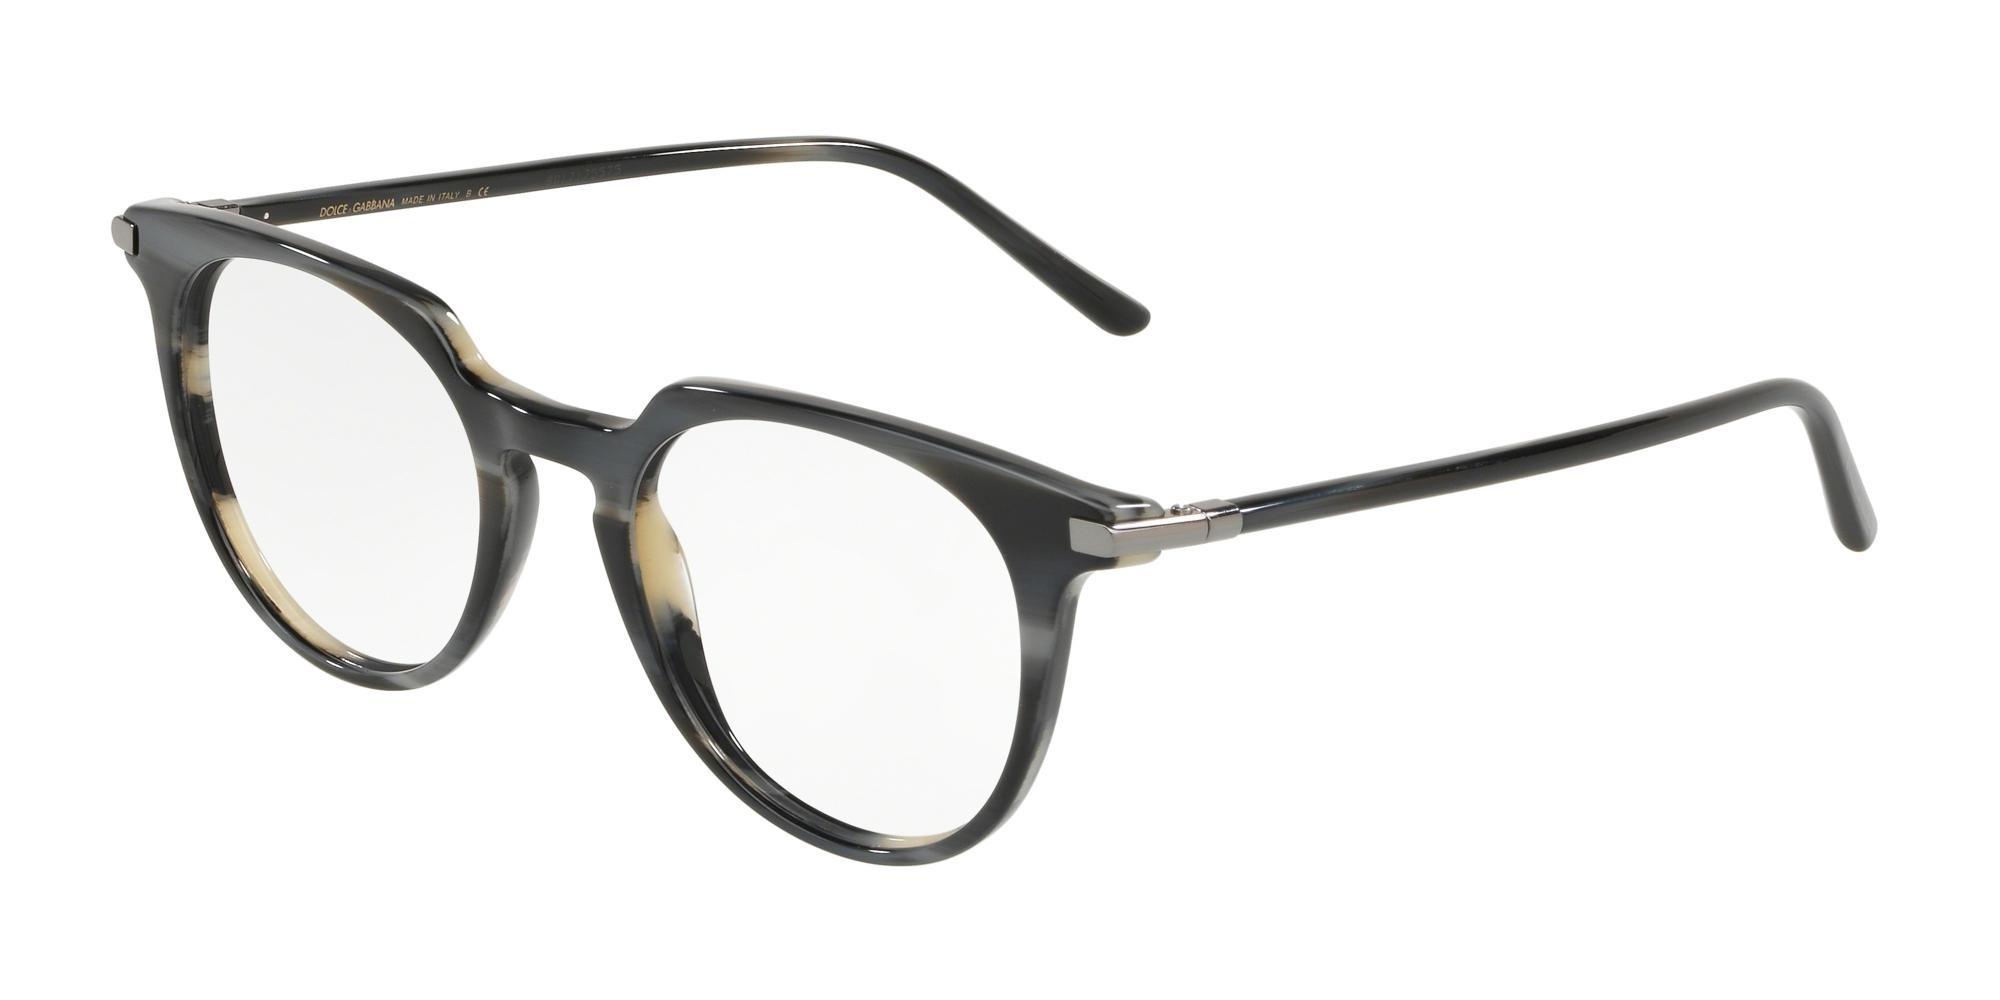 Dolce & Gabbana brillen ROYALE DG 3288